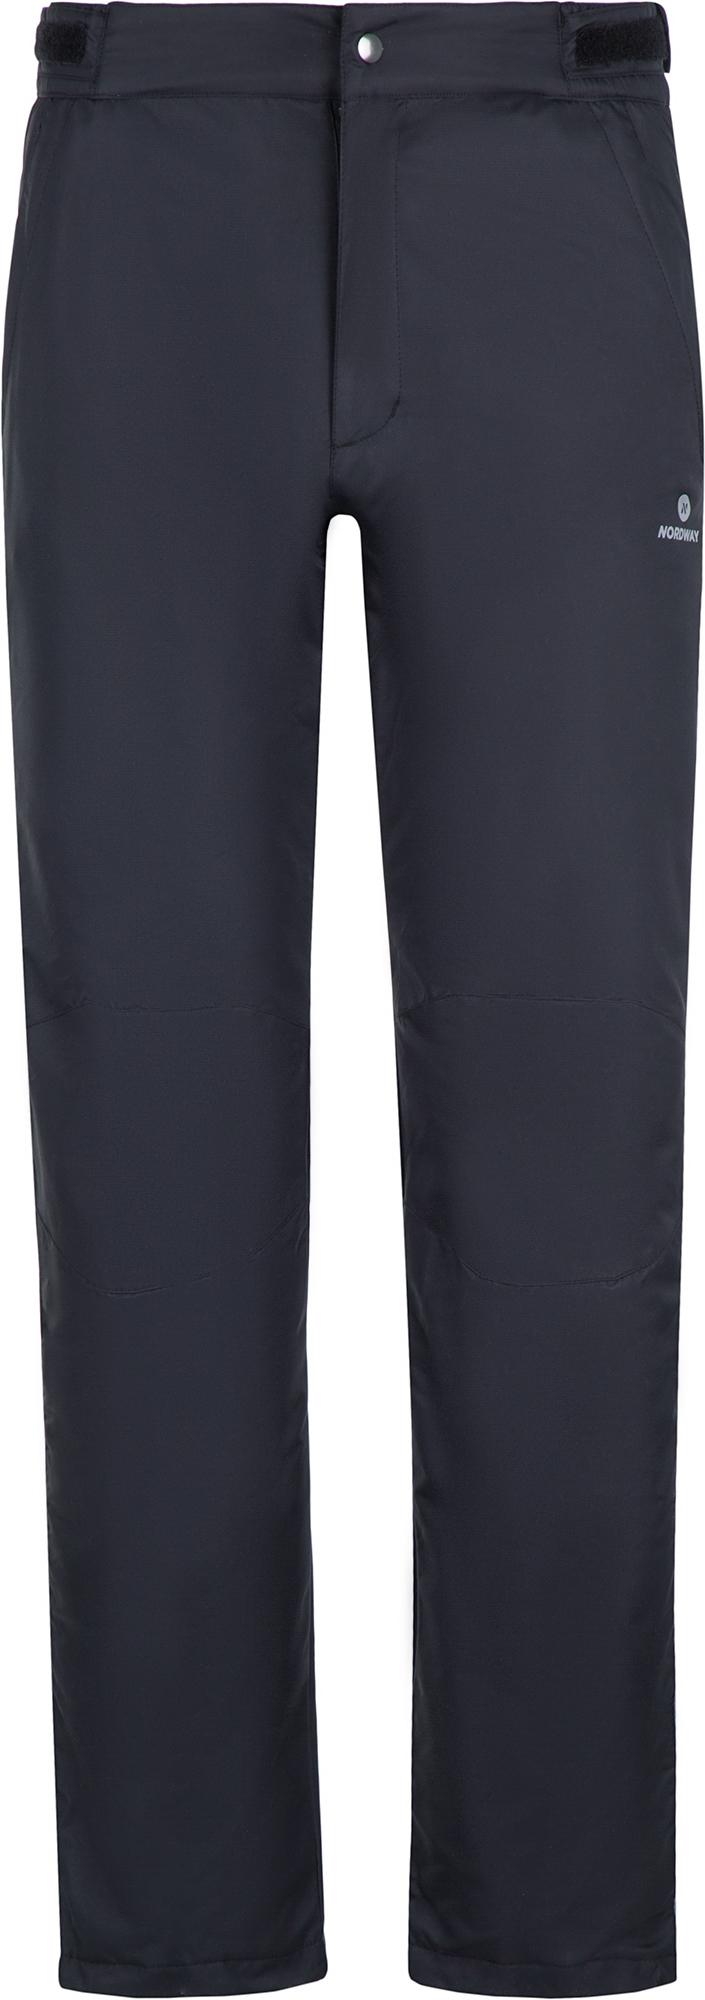 Nordway Брюки утепленные мужские Nordway, размер 56 брюки мужские oodji цвет темно синий 2b200024m 47530n 7900n размер 48 56 182